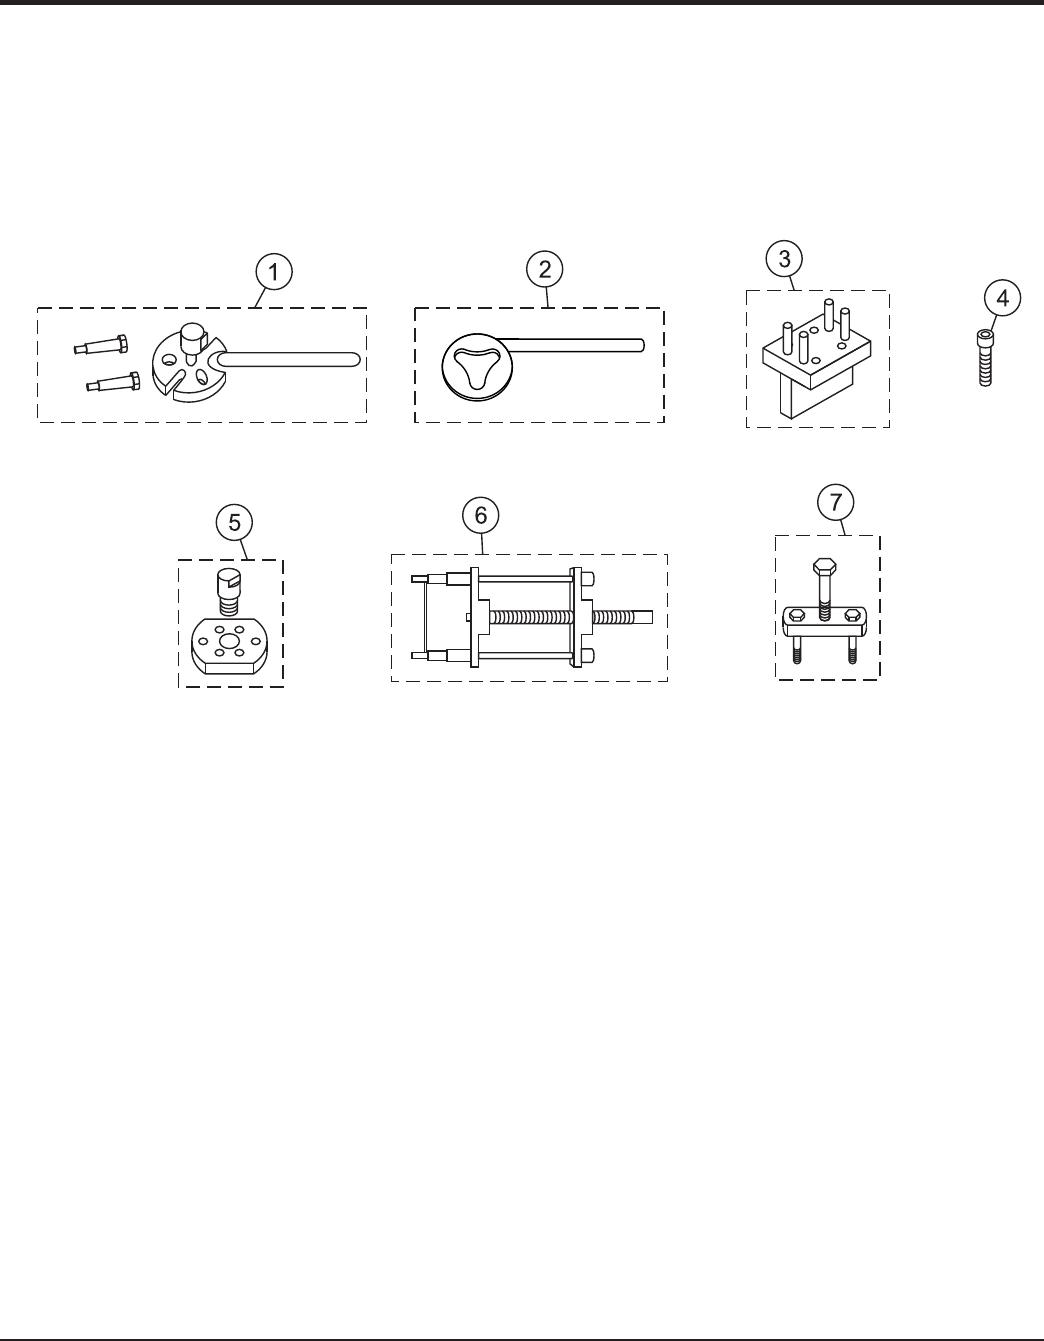 multiquip mikasa serie o mtx70hd apisonador gx100ukrbf users manual Honda XLR 125 p gina 38 apisonador mtx70hd manual de funcionamiento y piezas rev 20 07 12